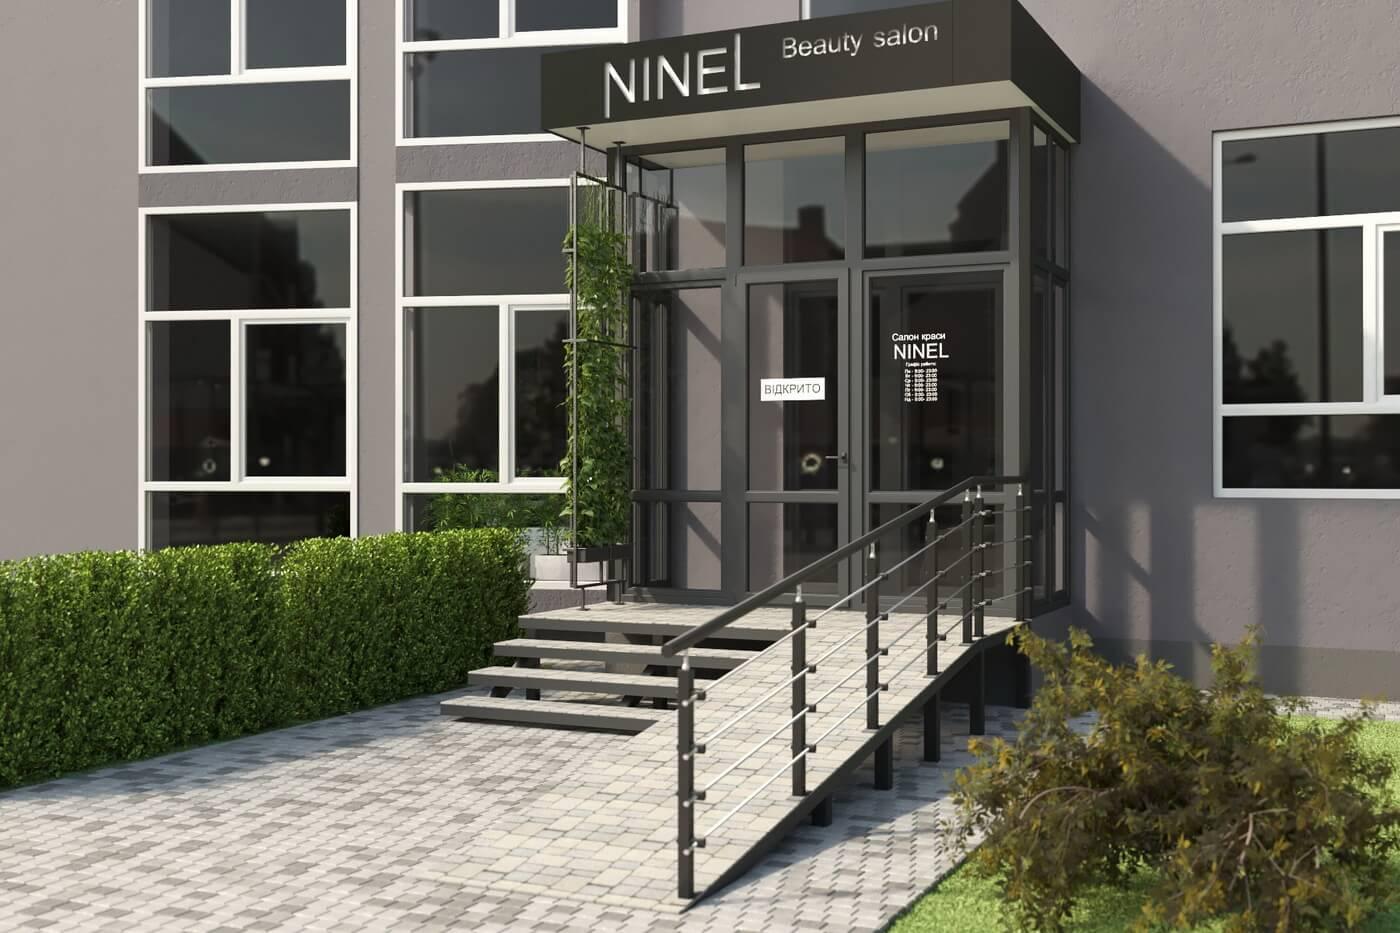 """Экстерьер салона красоты """"Ninel"""". Входная группа салона красоты"""